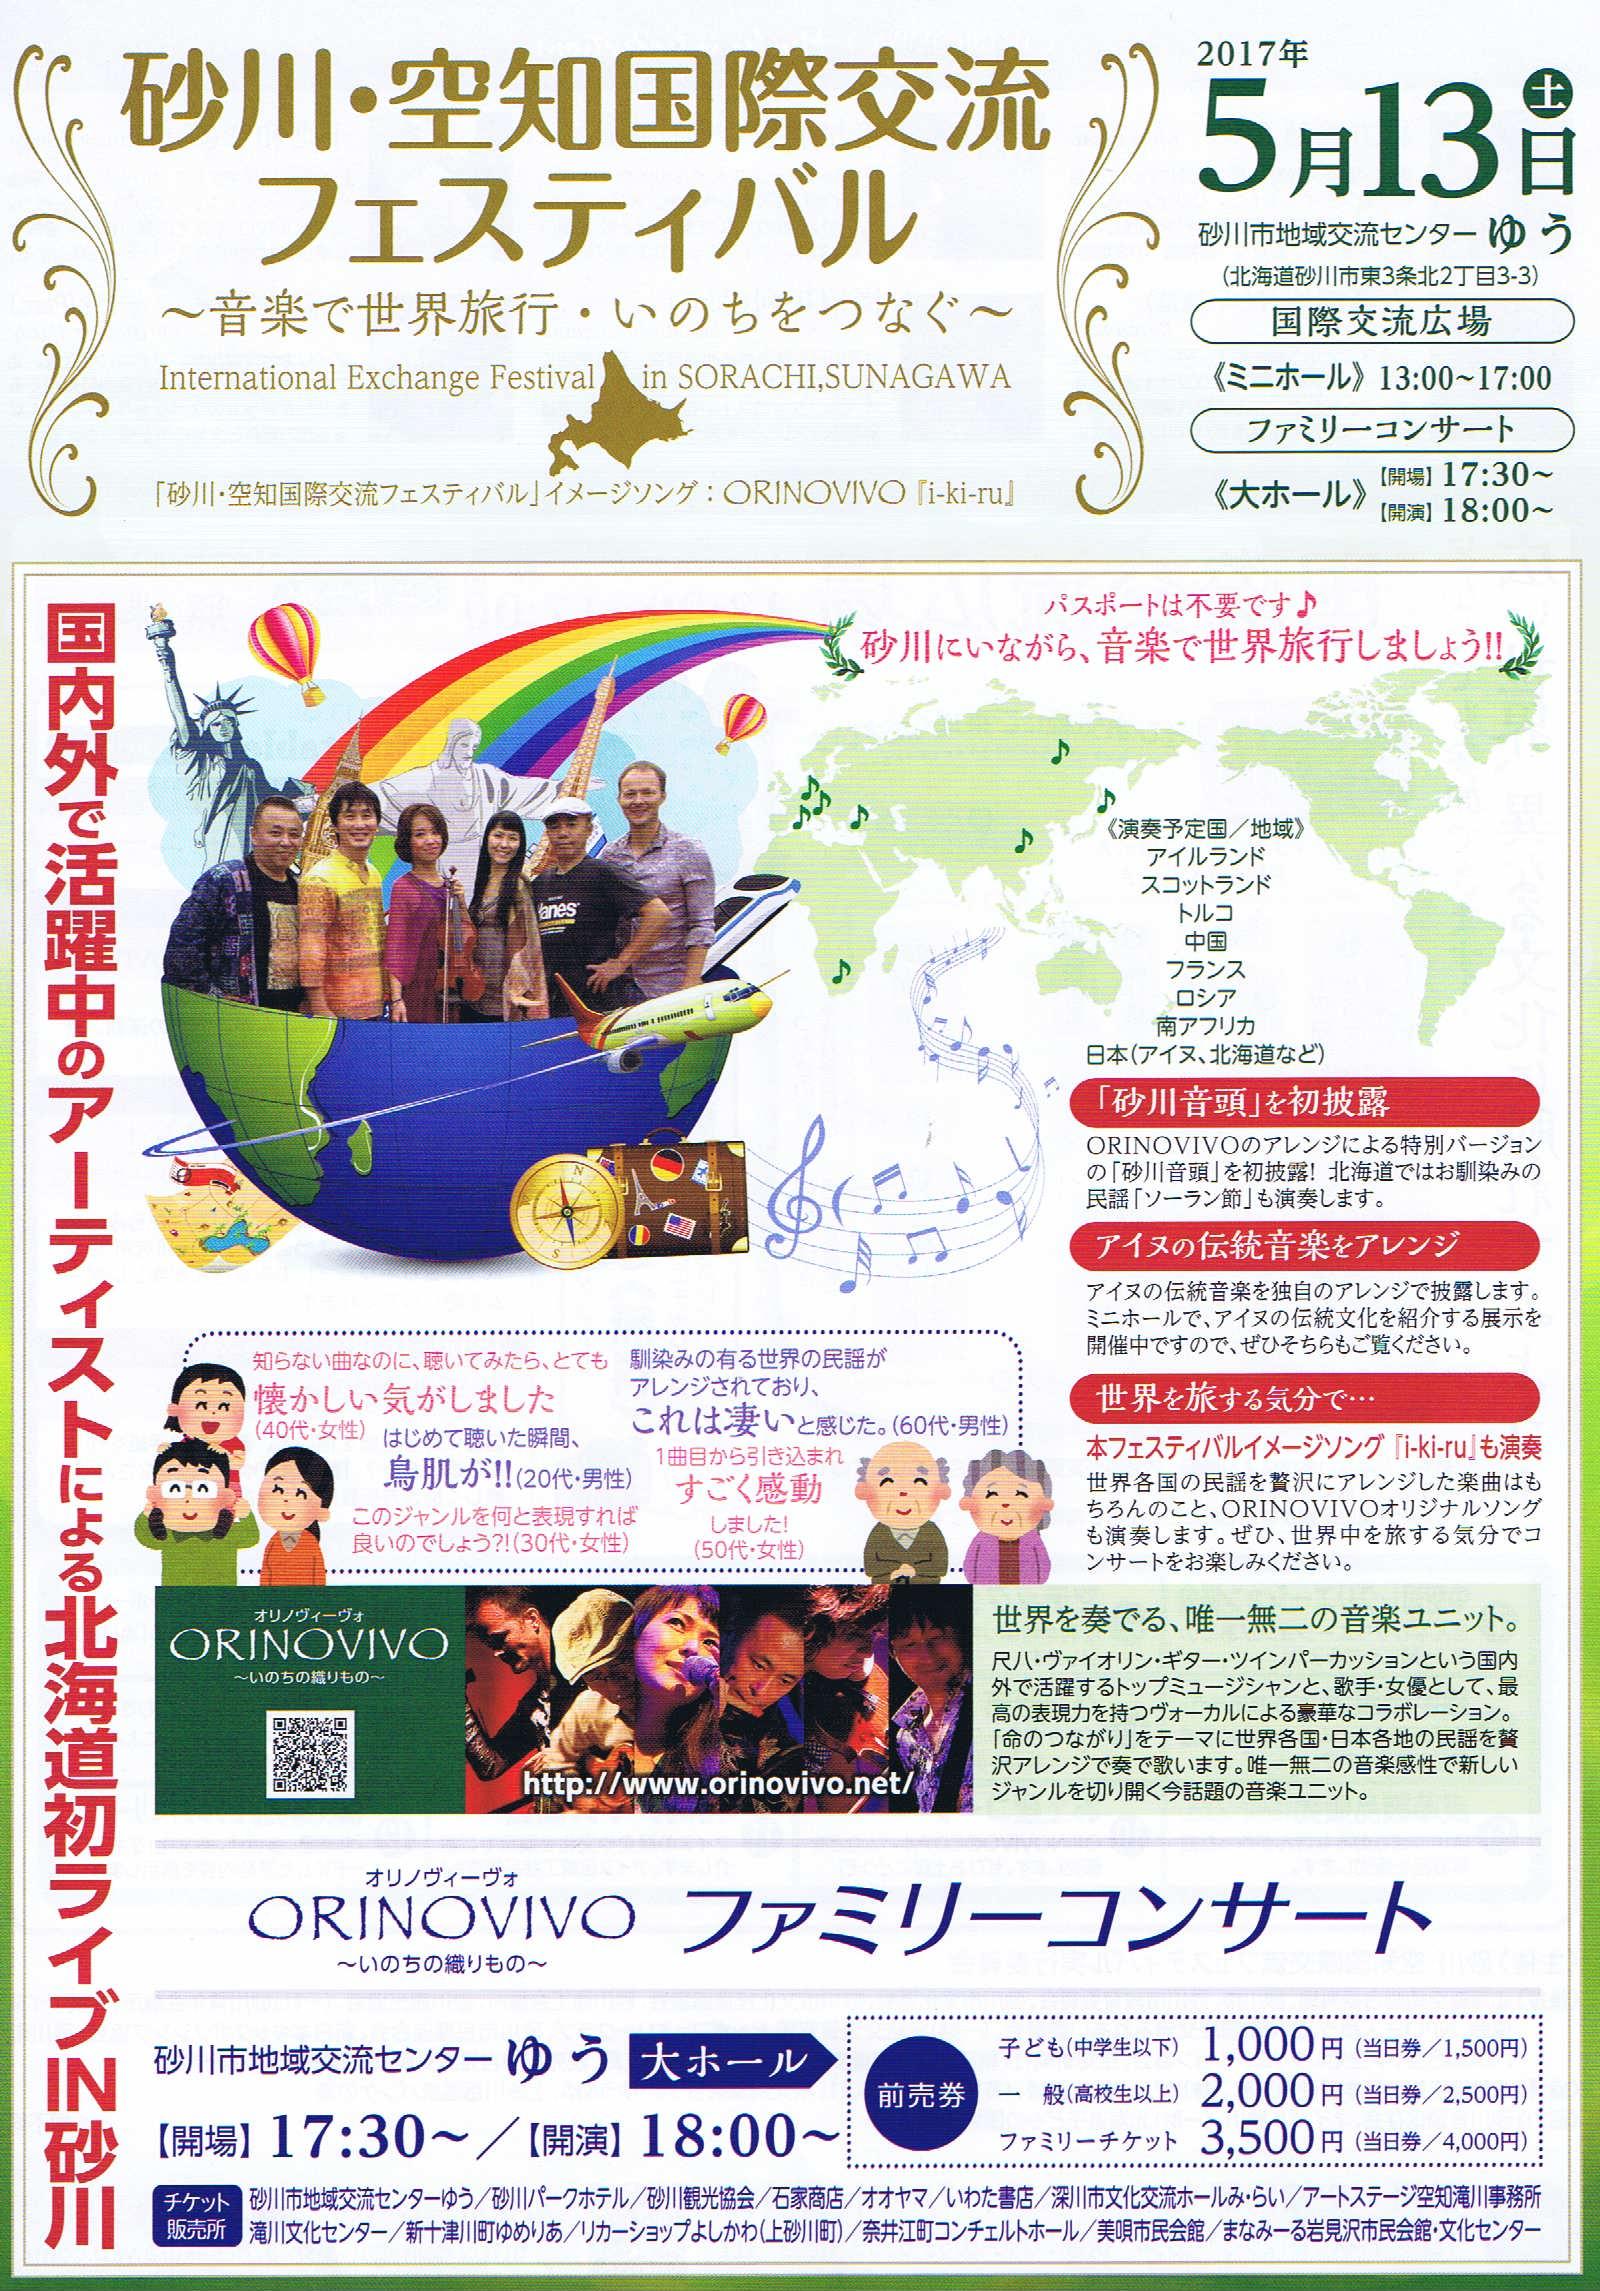 空知国際交流フェスティバル「音楽で世界旅行・いのちをつなぐ」(2017年)のポスター